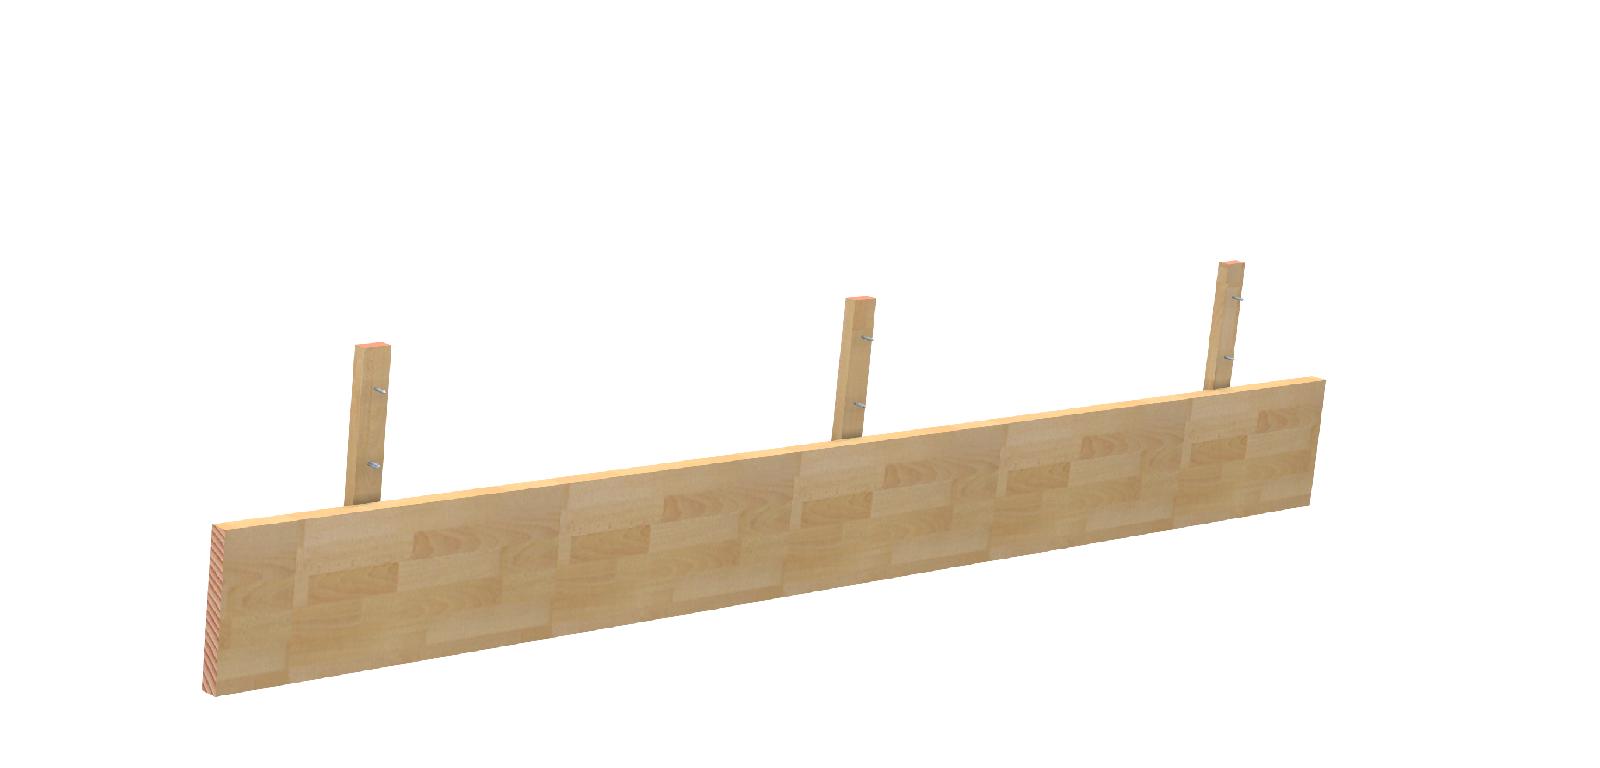 kopfteil erh hung buche erstbestellung 15cm 18mm im onlineshop betten direkt vom hersteller. Black Bedroom Furniture Sets. Home Design Ideas